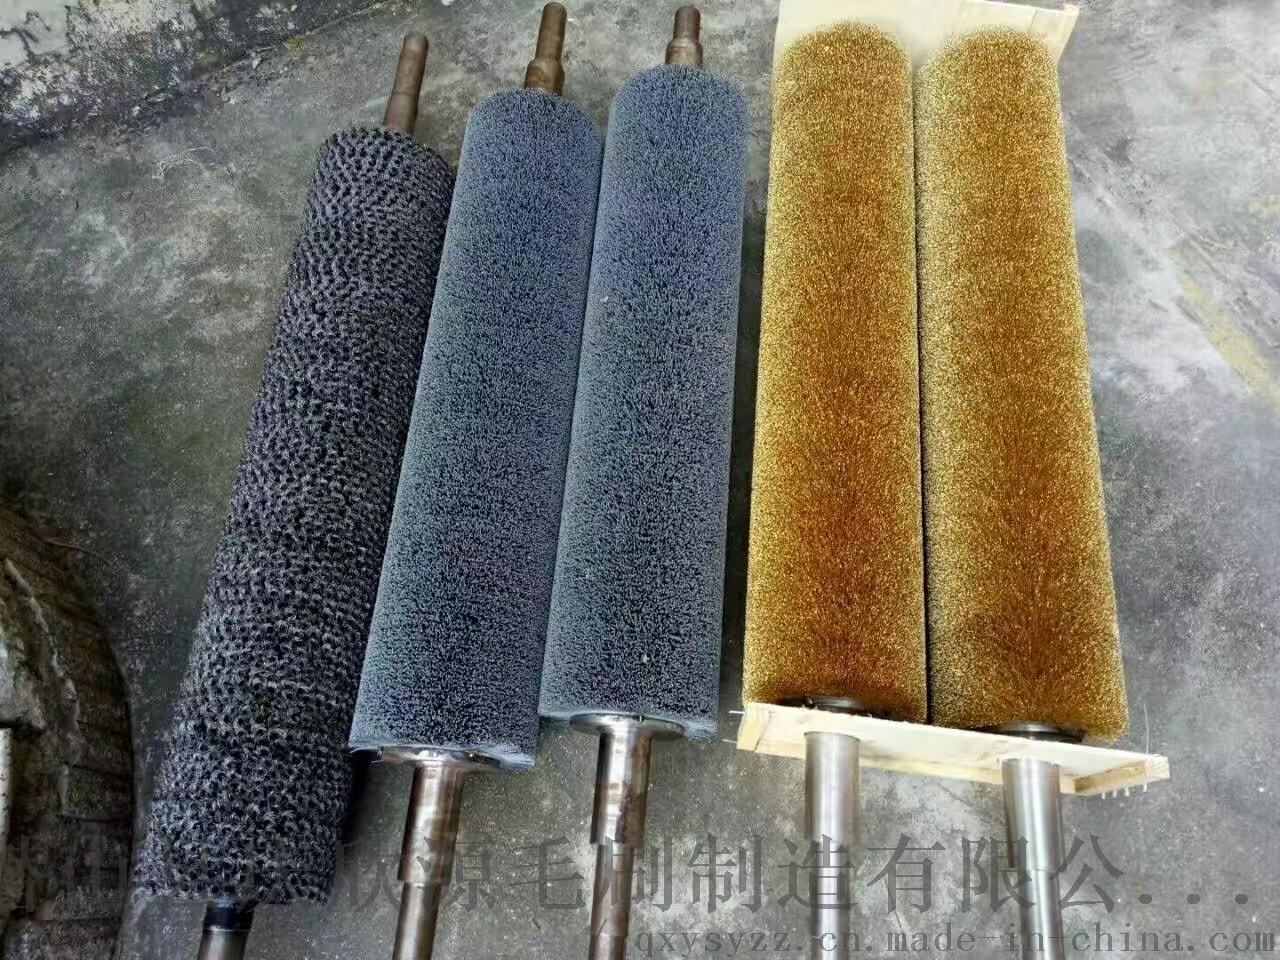 繞刷輥 定做毛刷輥工業尼龍刷輥 彈簧毛刷57099892